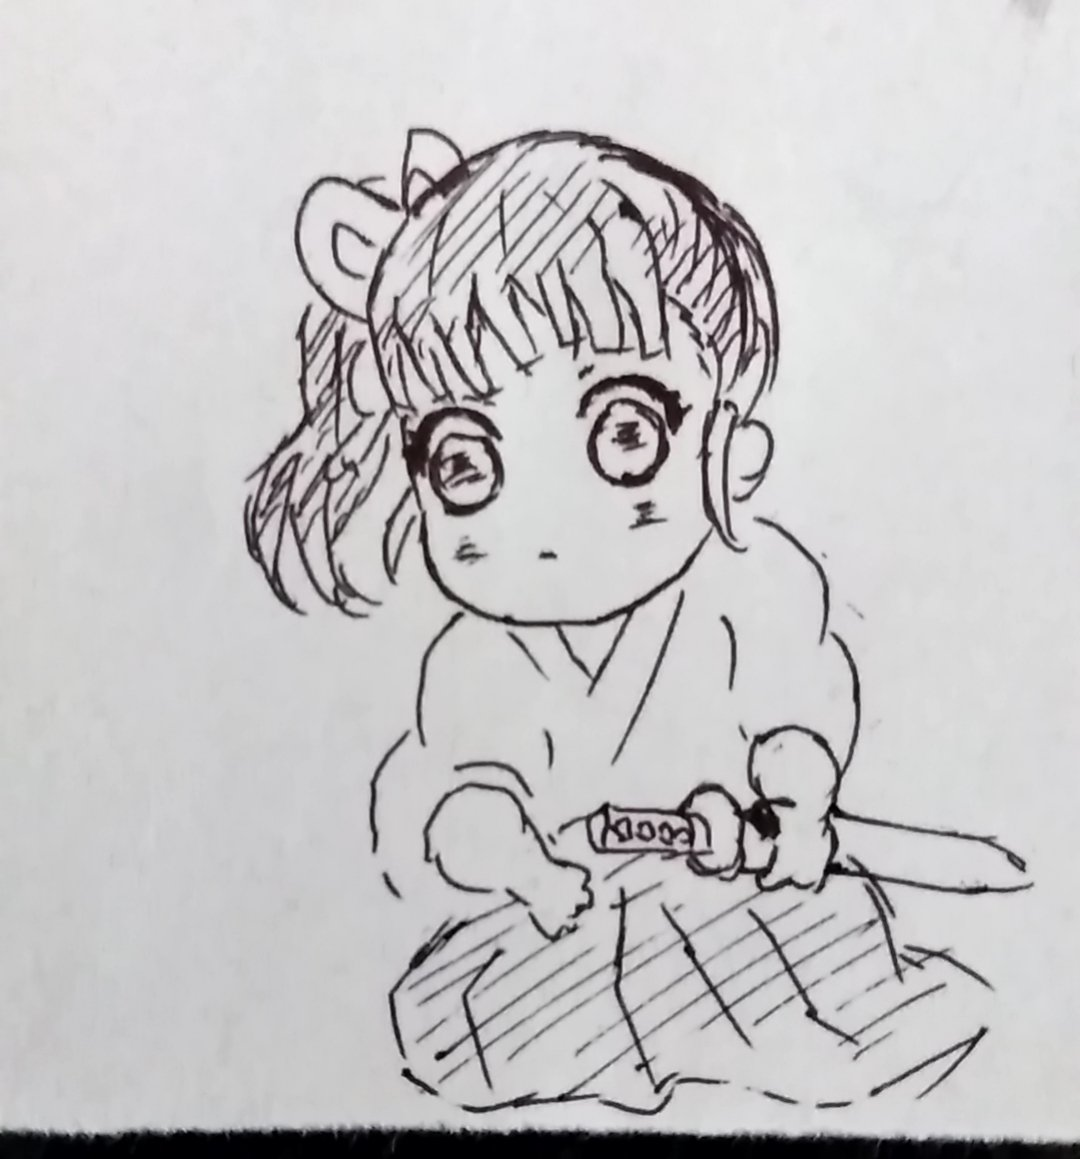 刀 イラスト カナヲ